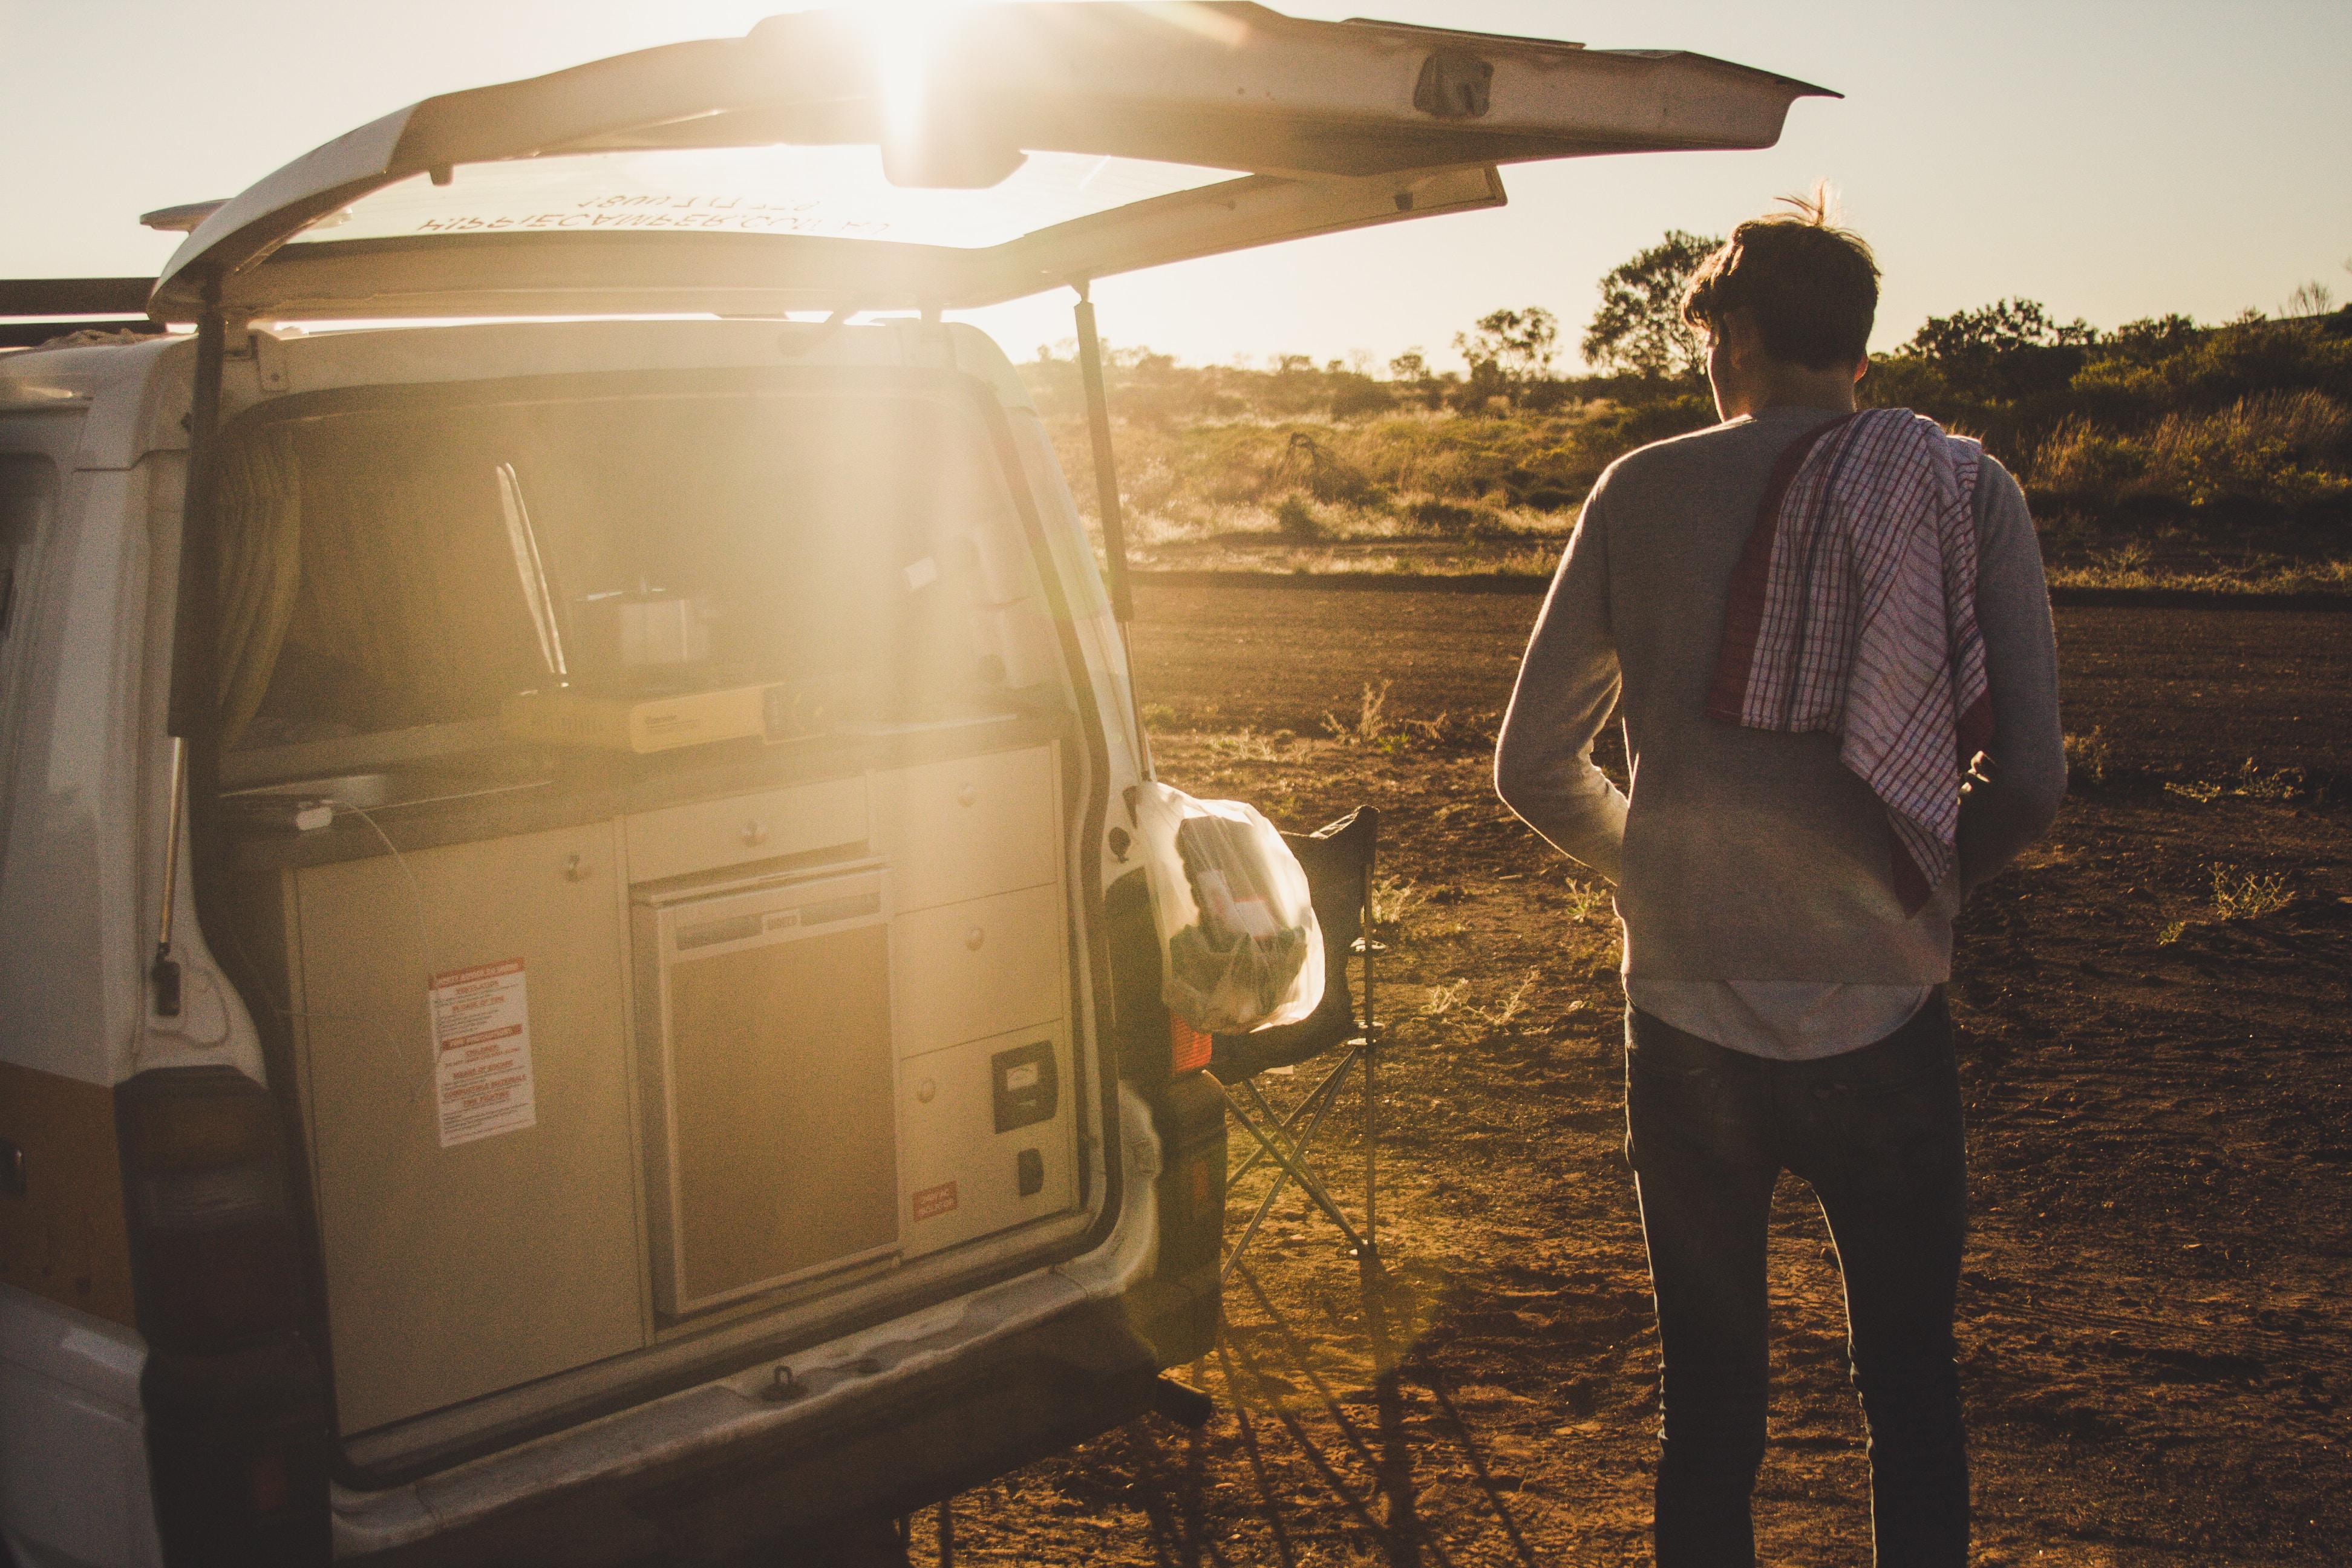 man standing near white van during daytime